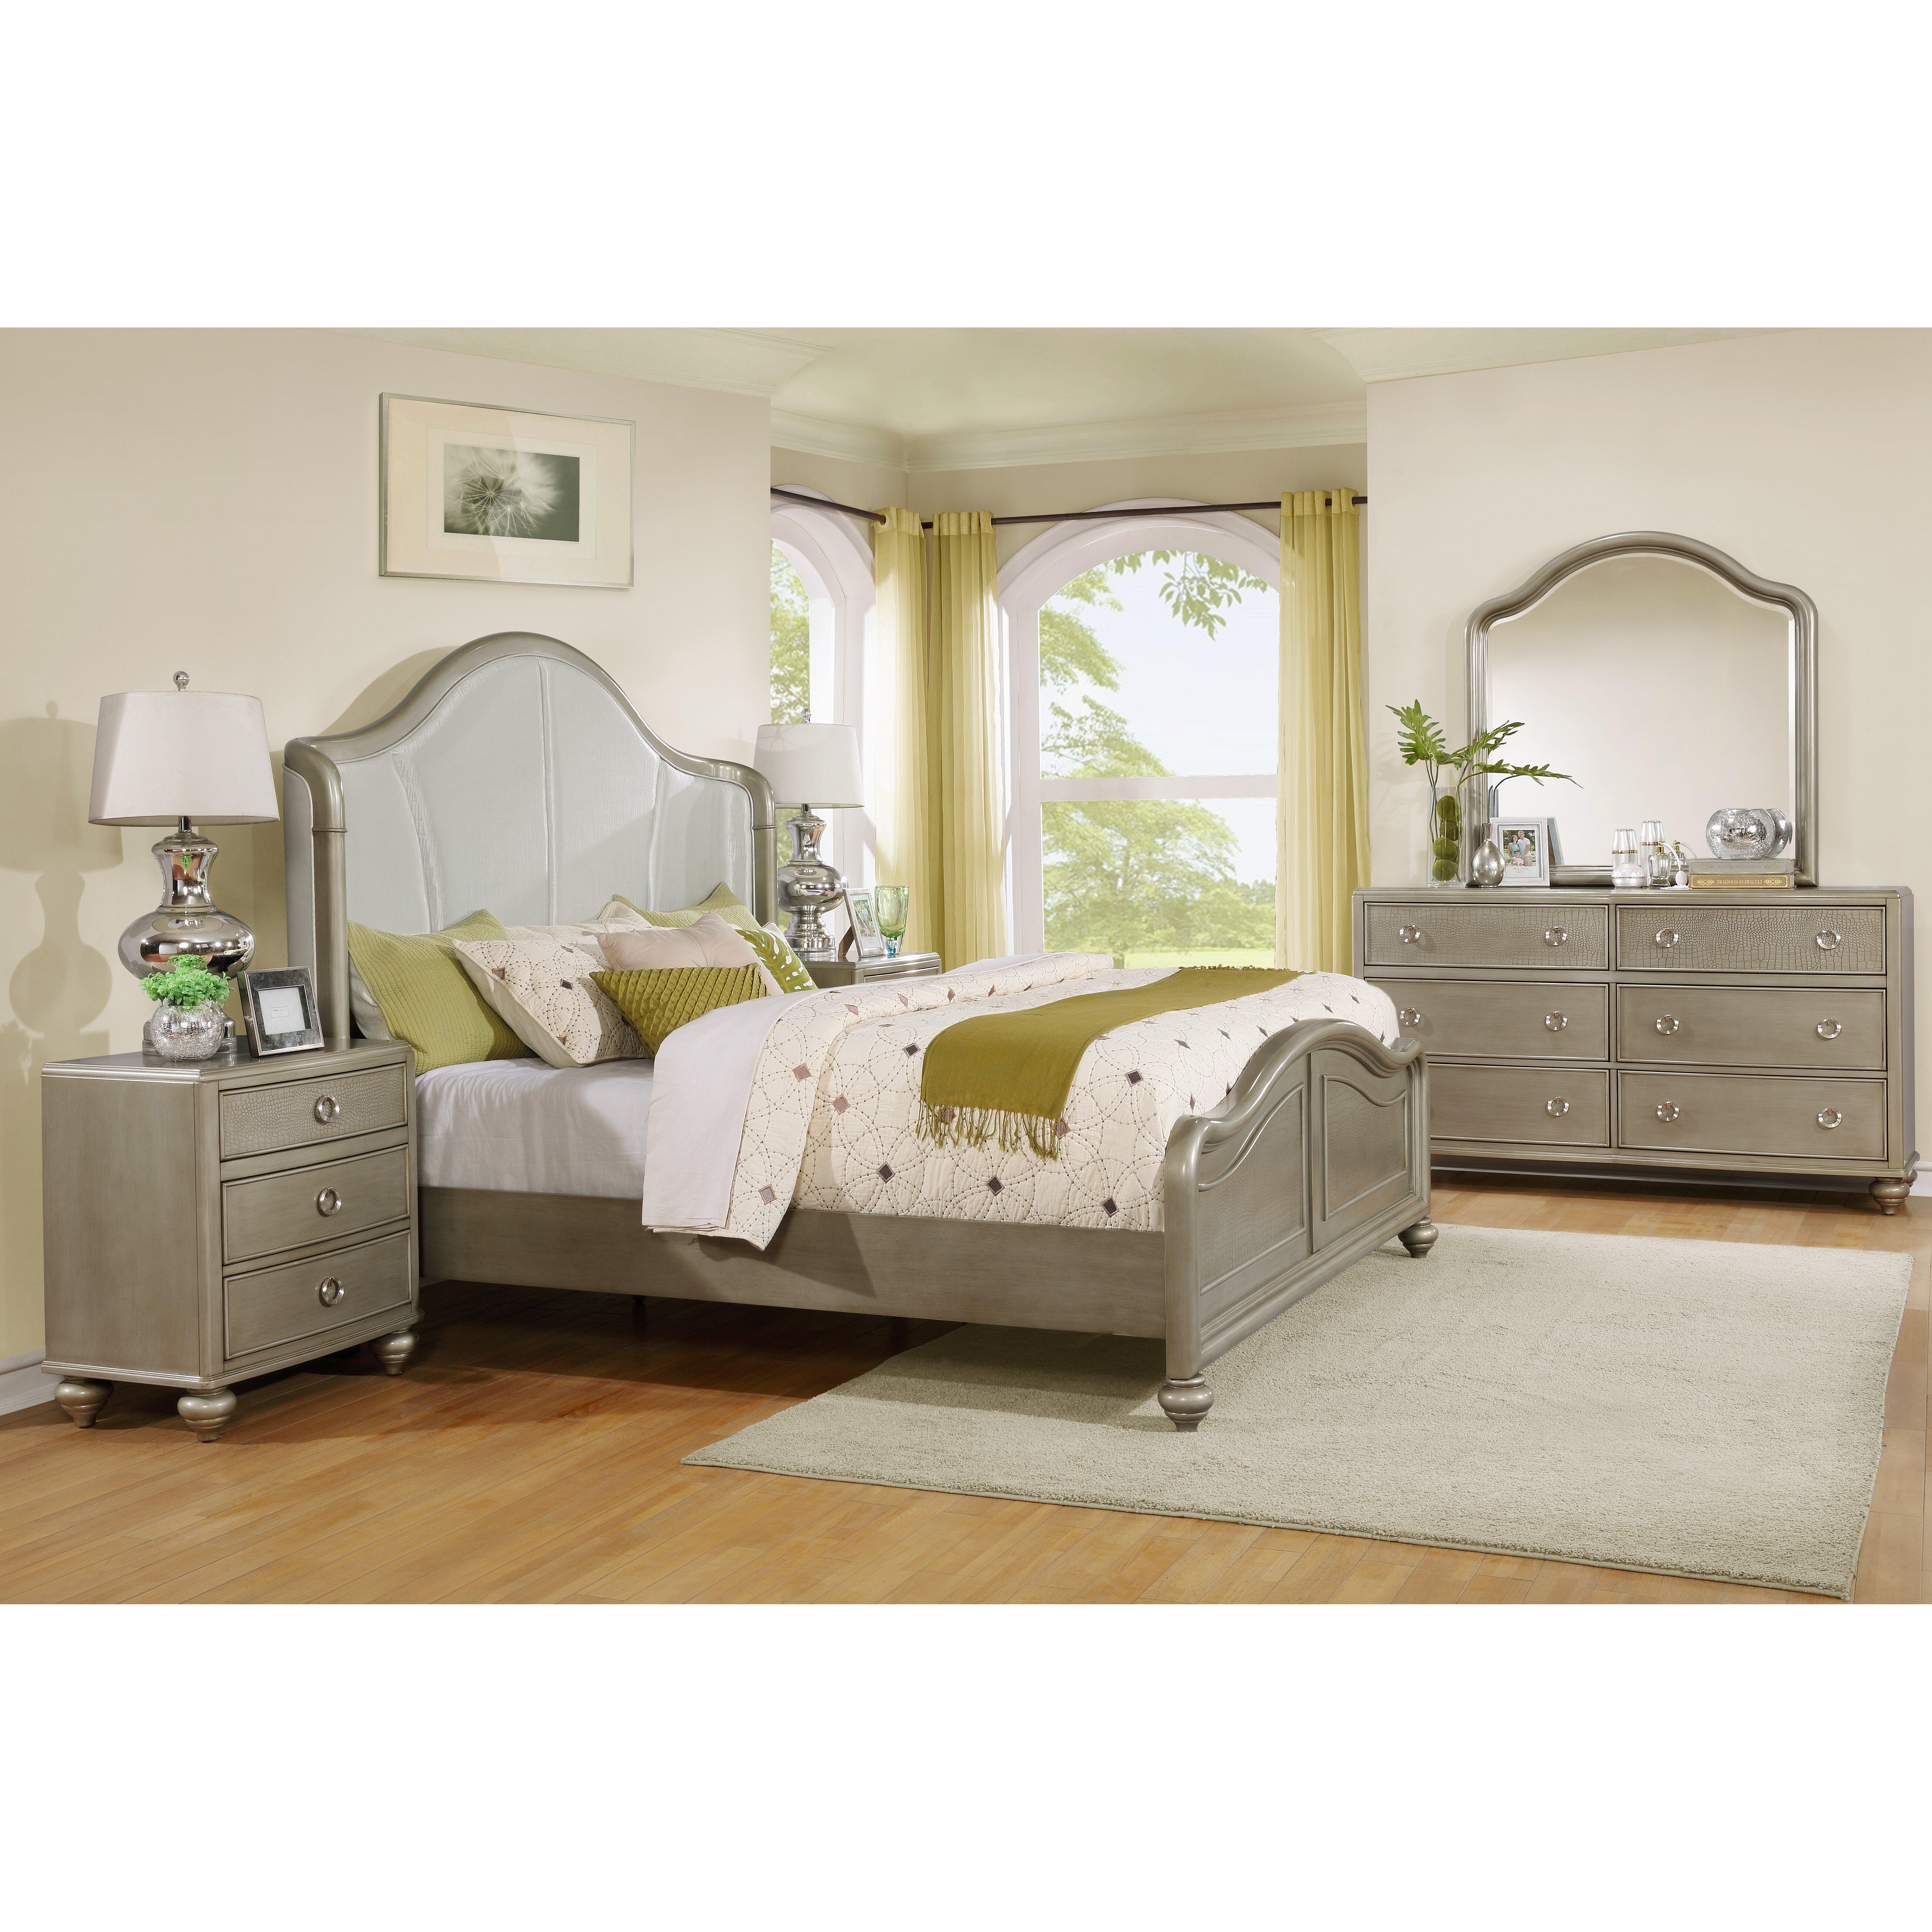 roundhill furniture aiden platform 5 piece bedroom set